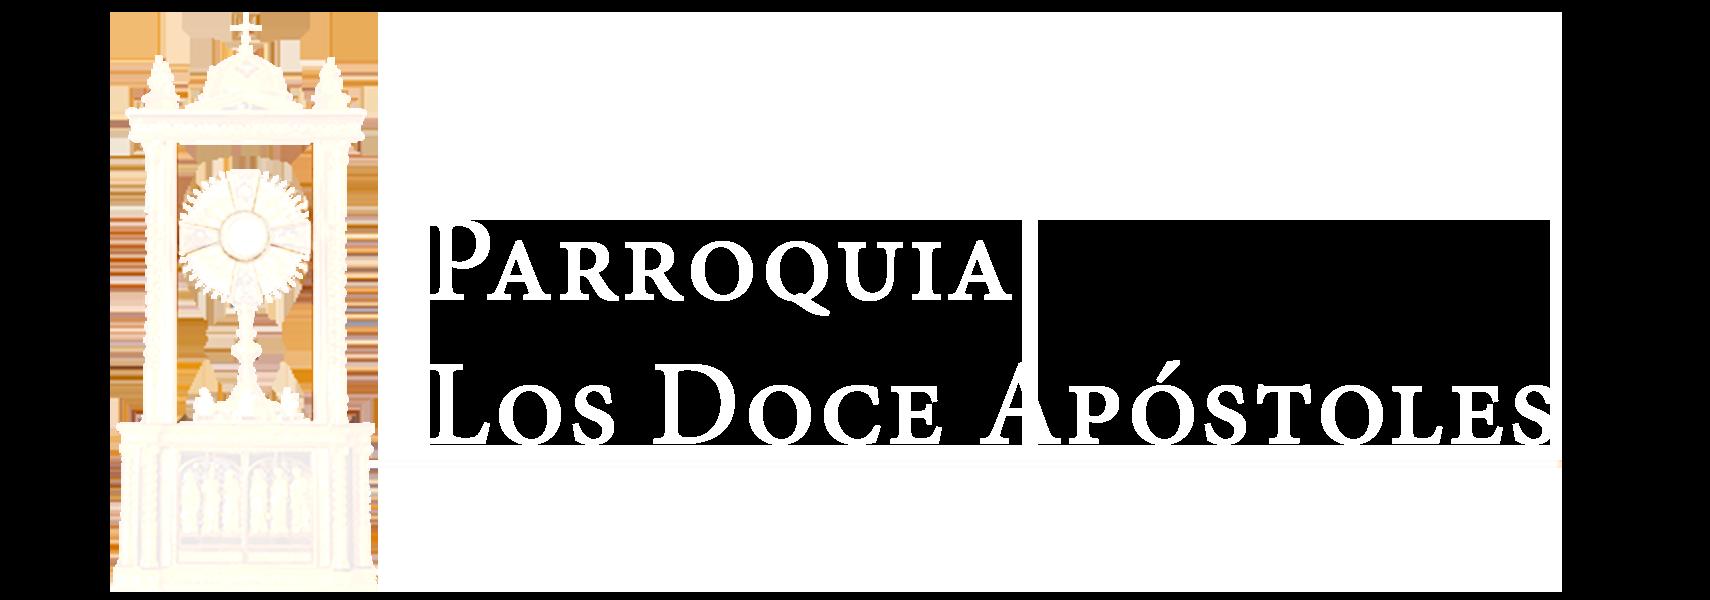 Los Doce Apóstoles